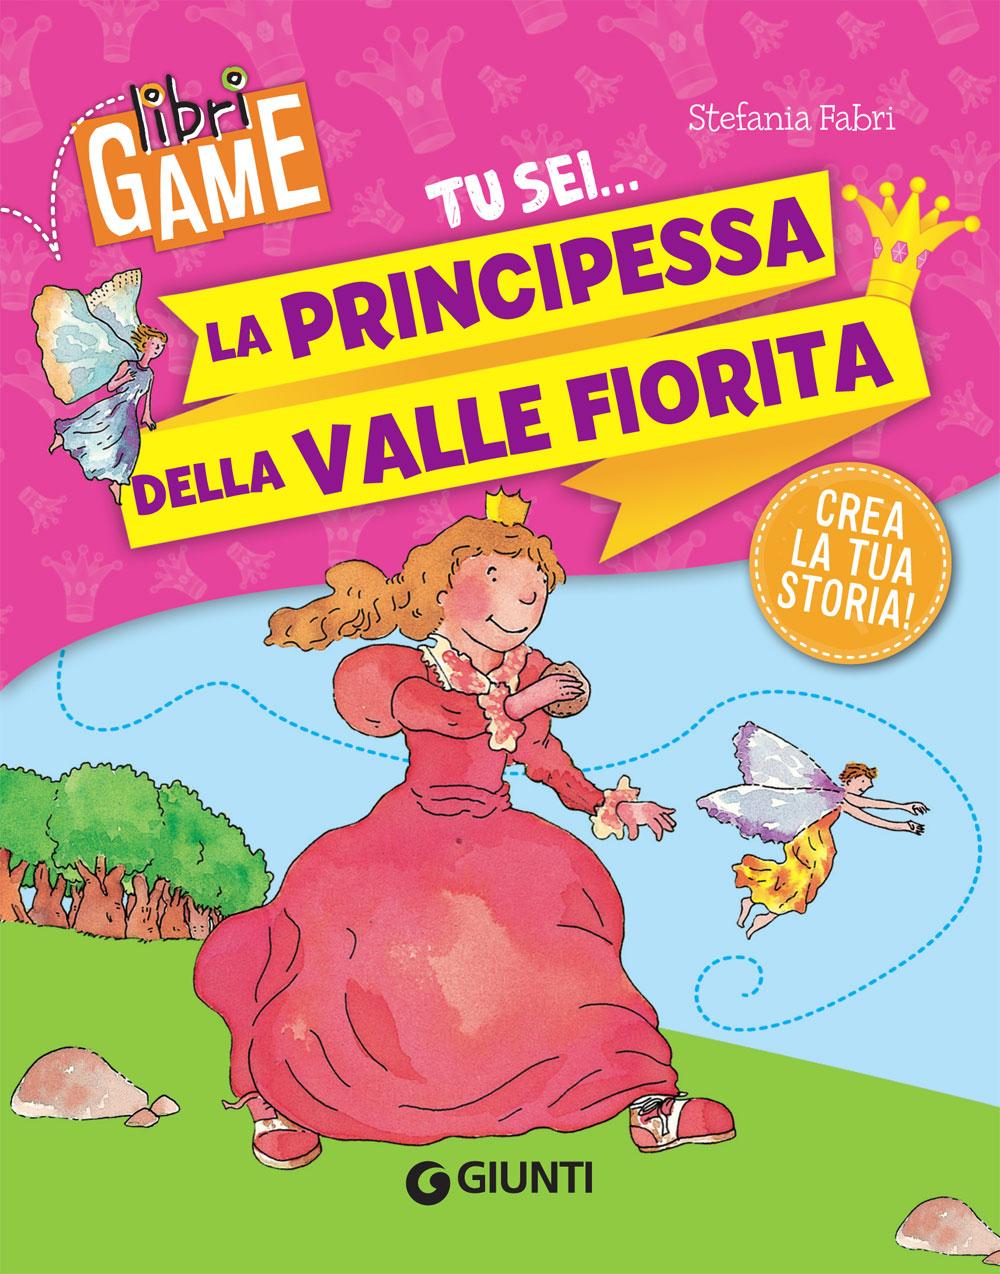 La Principessa della Valle Fiorita